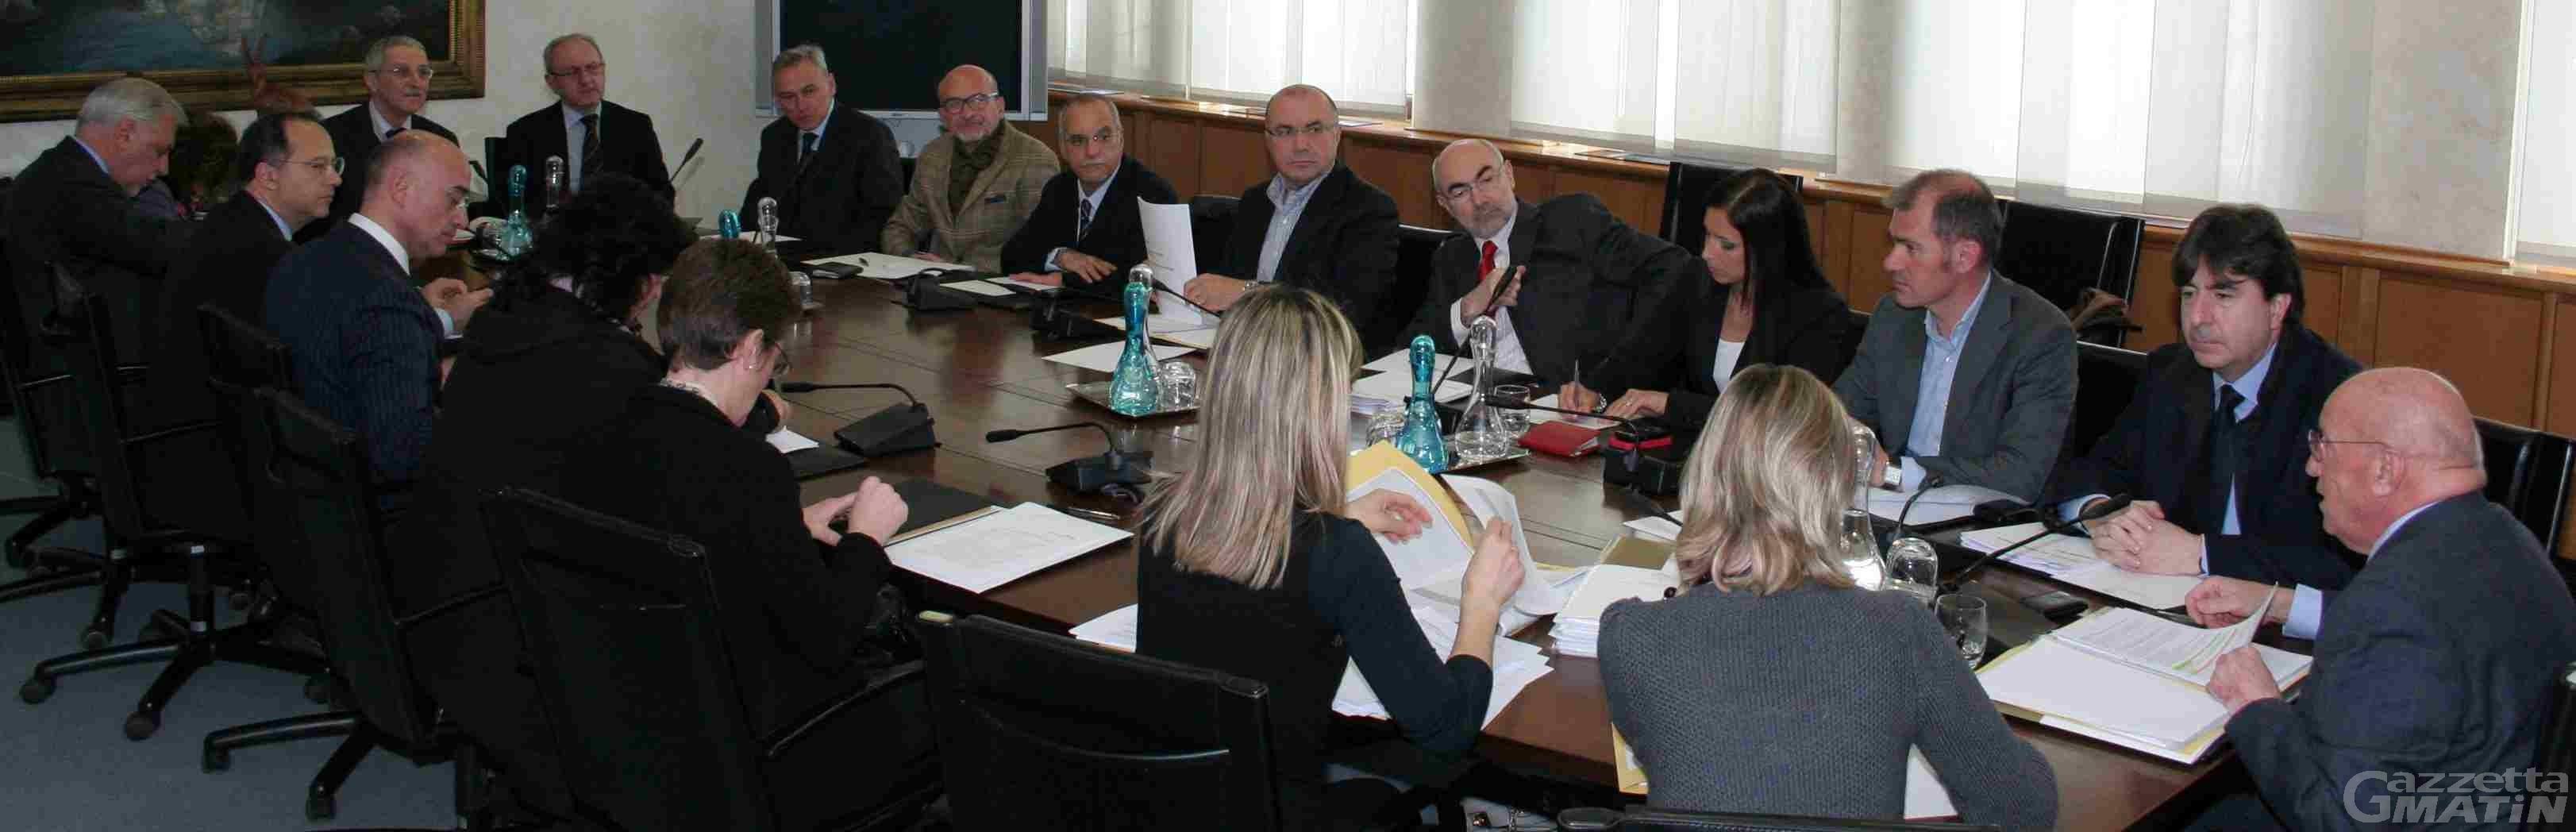 Corte dei Conti e Presidenza della Regione: collaborazione assicurata